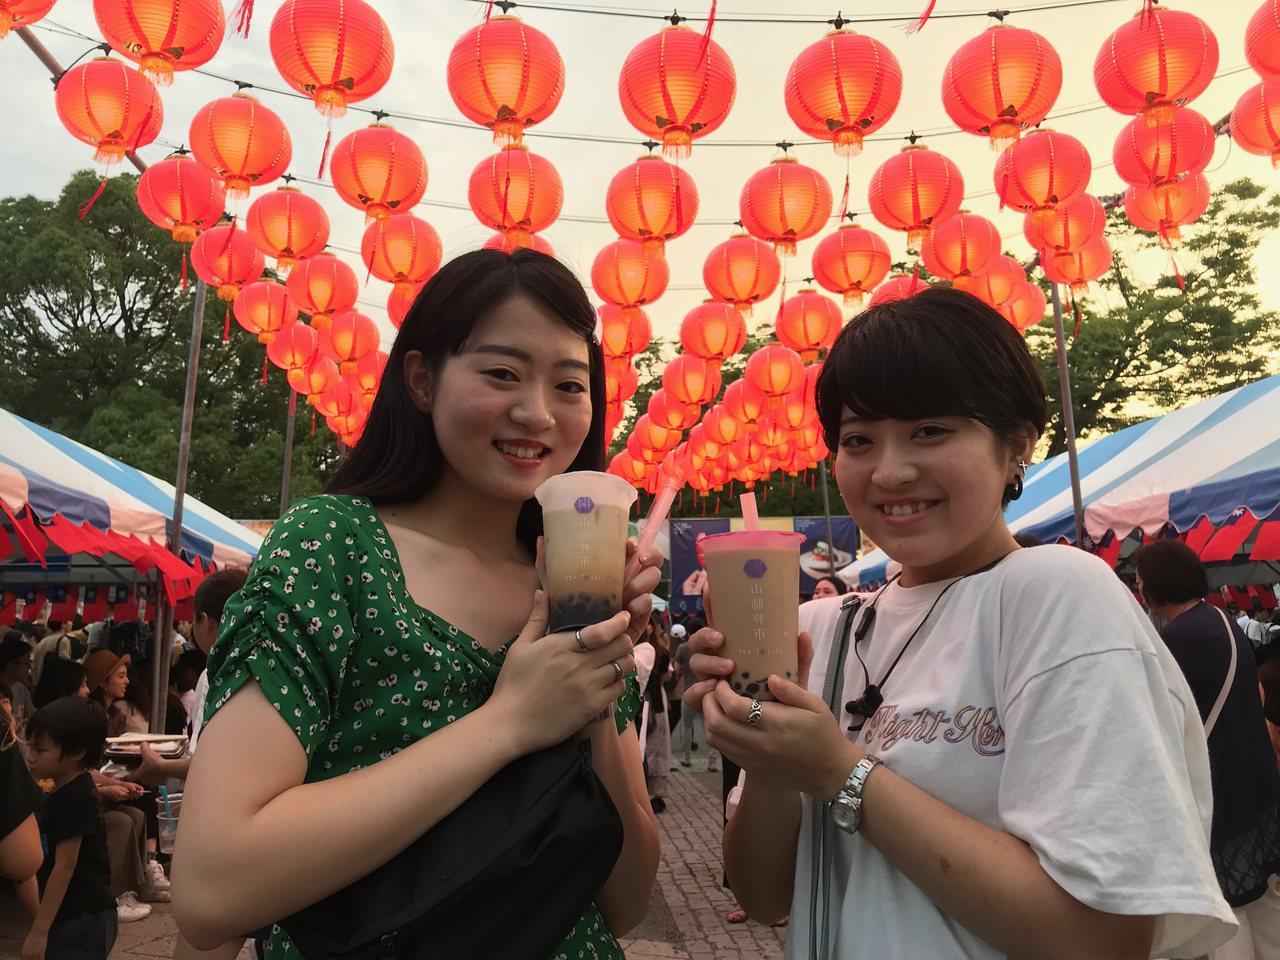 圖為日本女性參加在東京舉行的台灣嘉年華(Taiwan Festa)活動手拿珍奶畫...